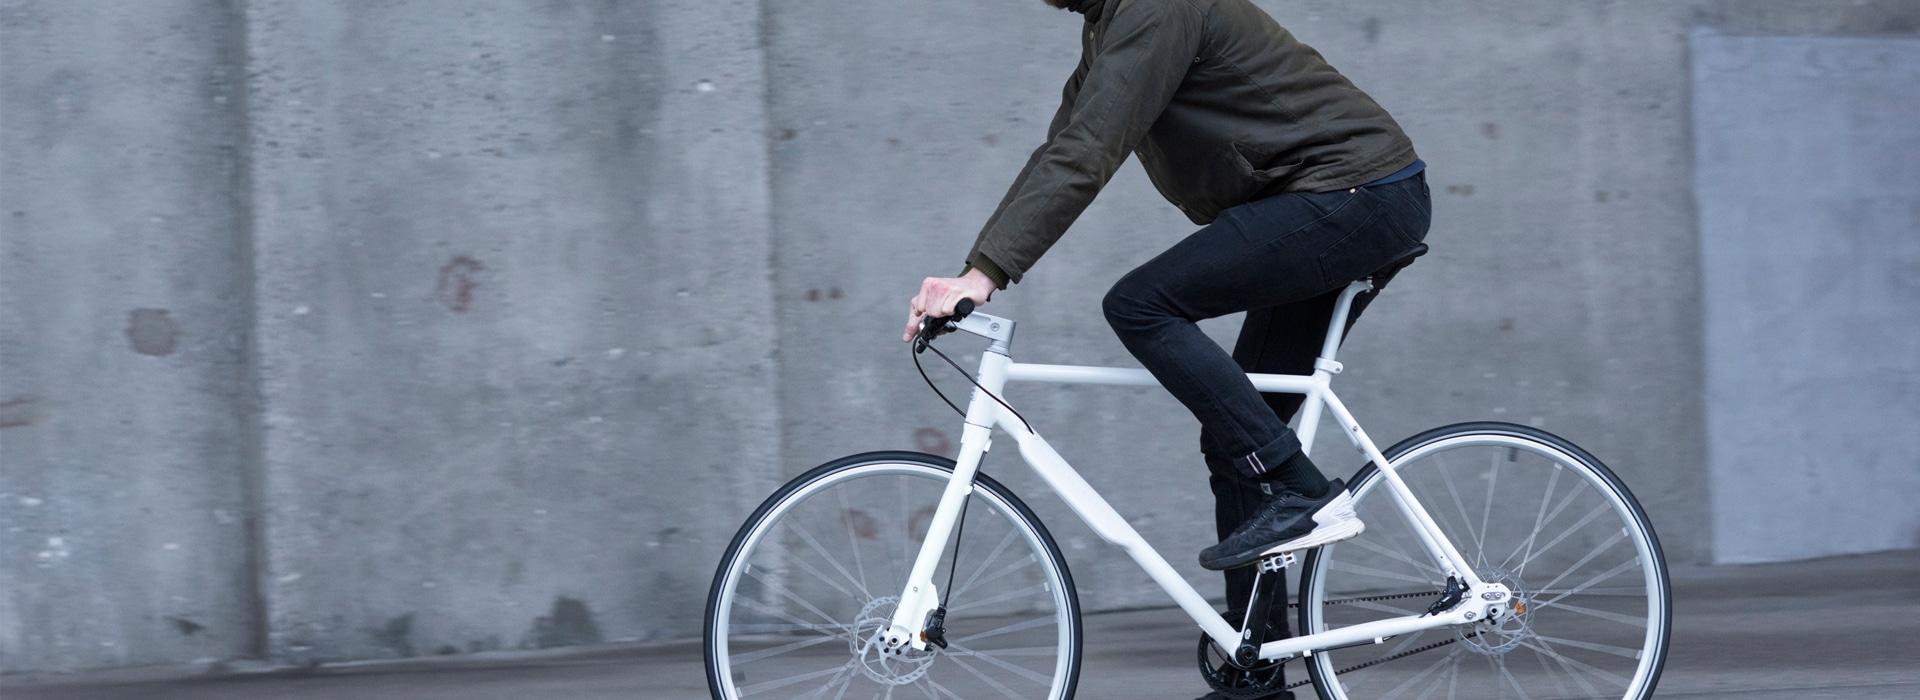 Bisiklet Sporu ve Yürüyüş Sporu Hakkında Bilgiler